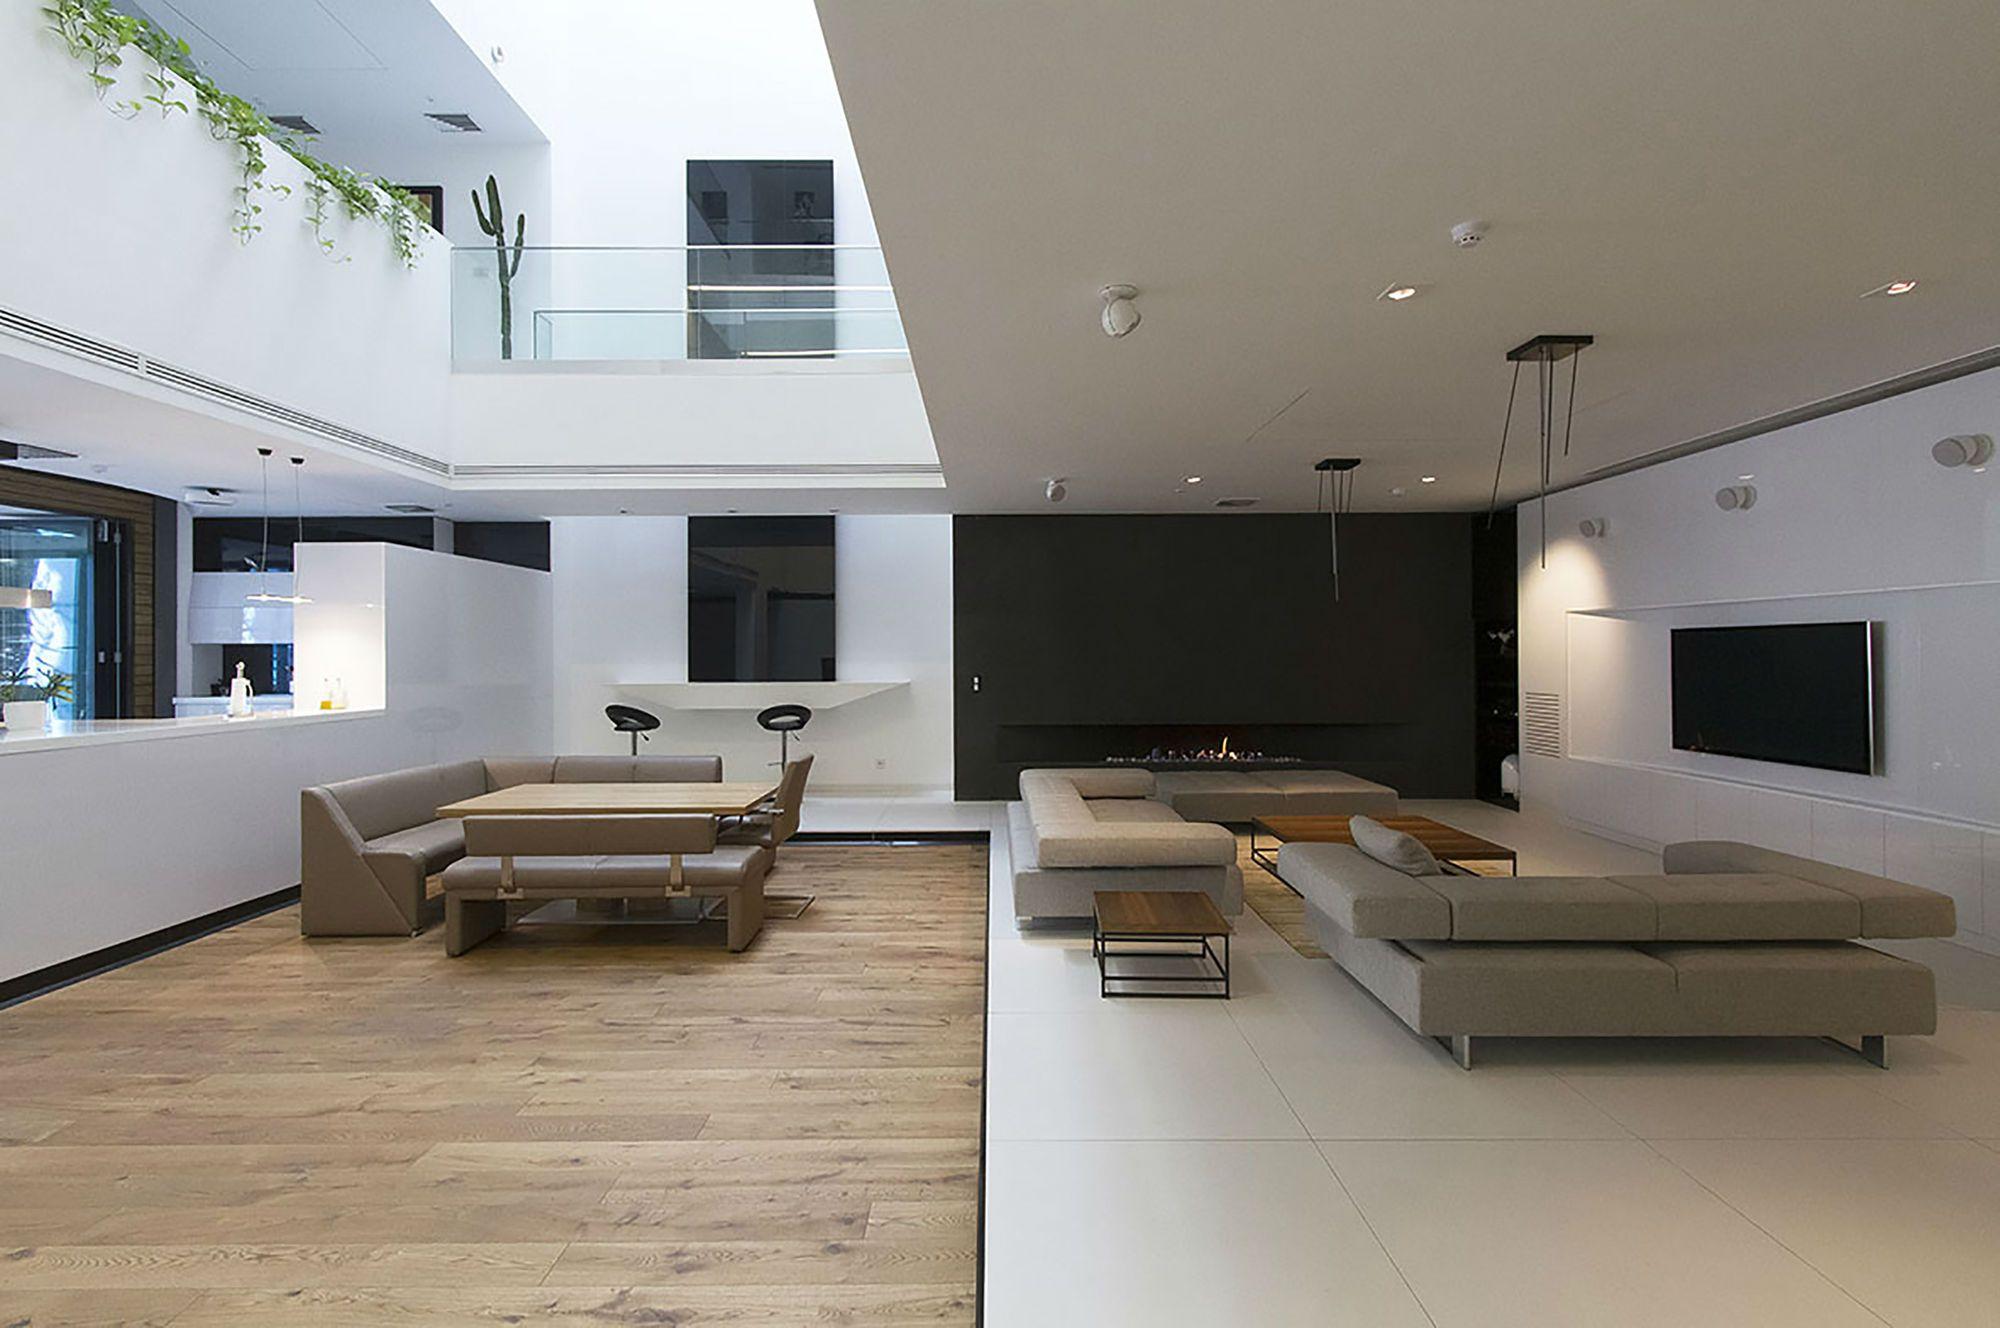 Moderne innenarchitektur einfamilienhaus  Im Iran steht das erste drehbare Haus, das sich der Sonne ...